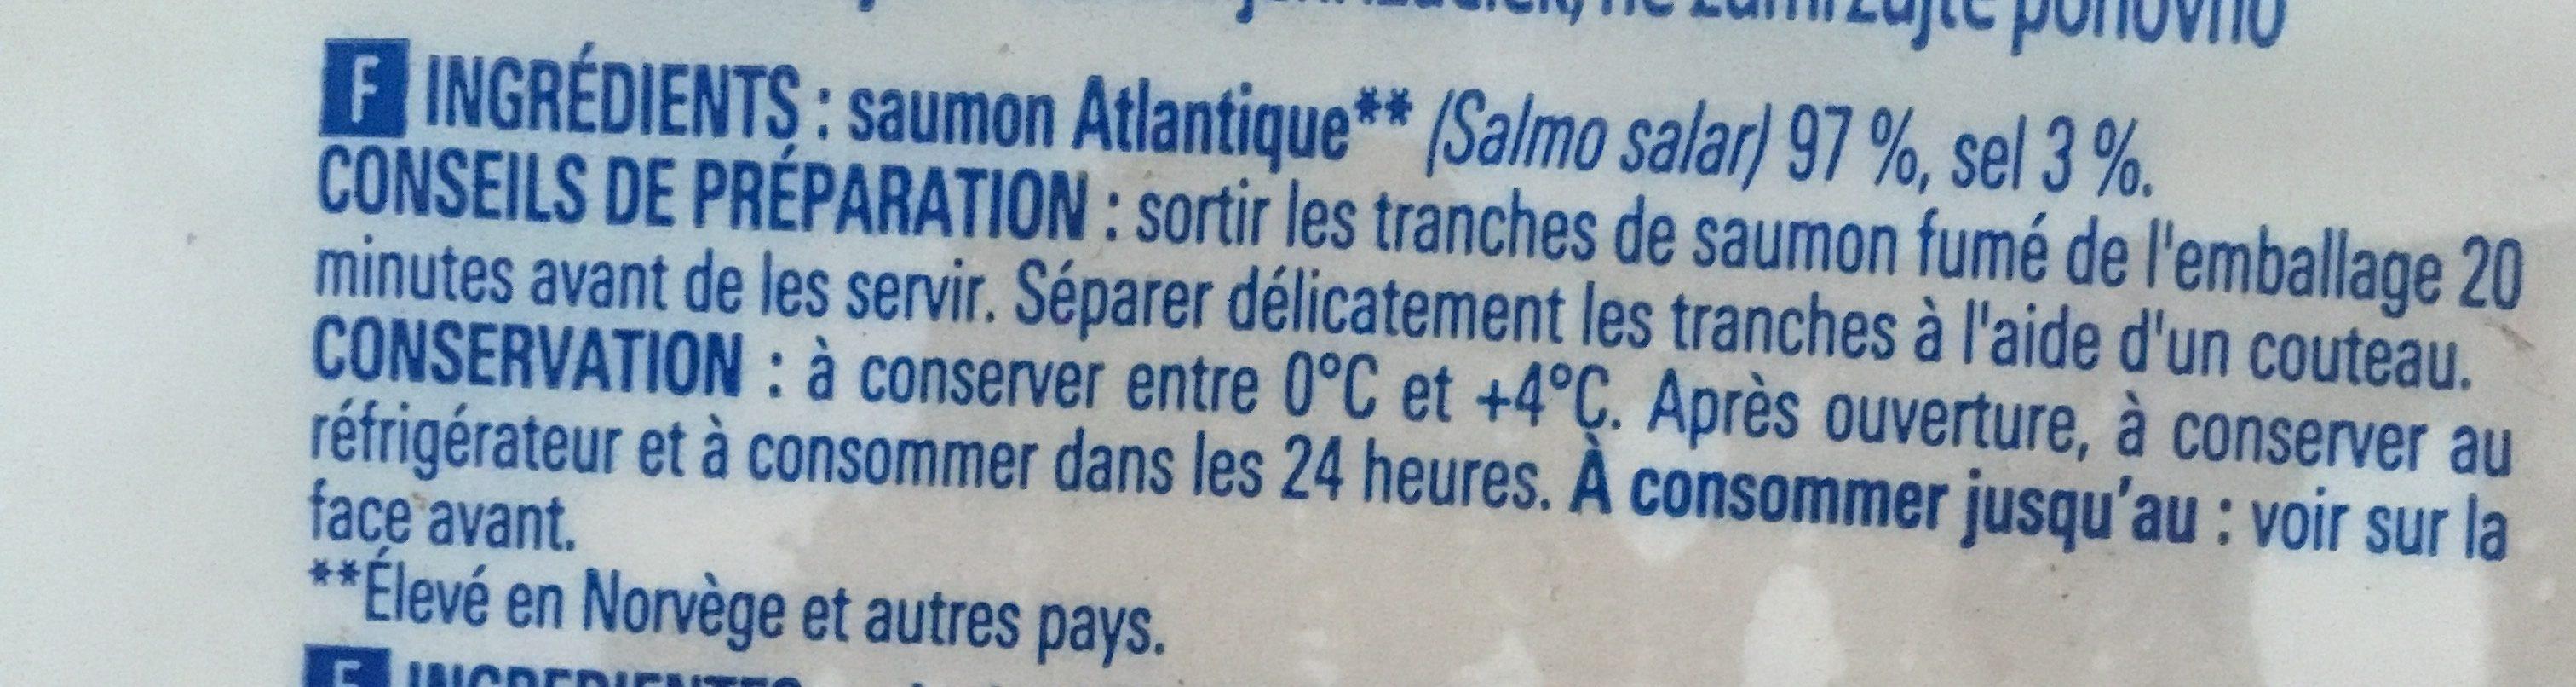 Saumon Atlantique Fume - Ingrédients - fr